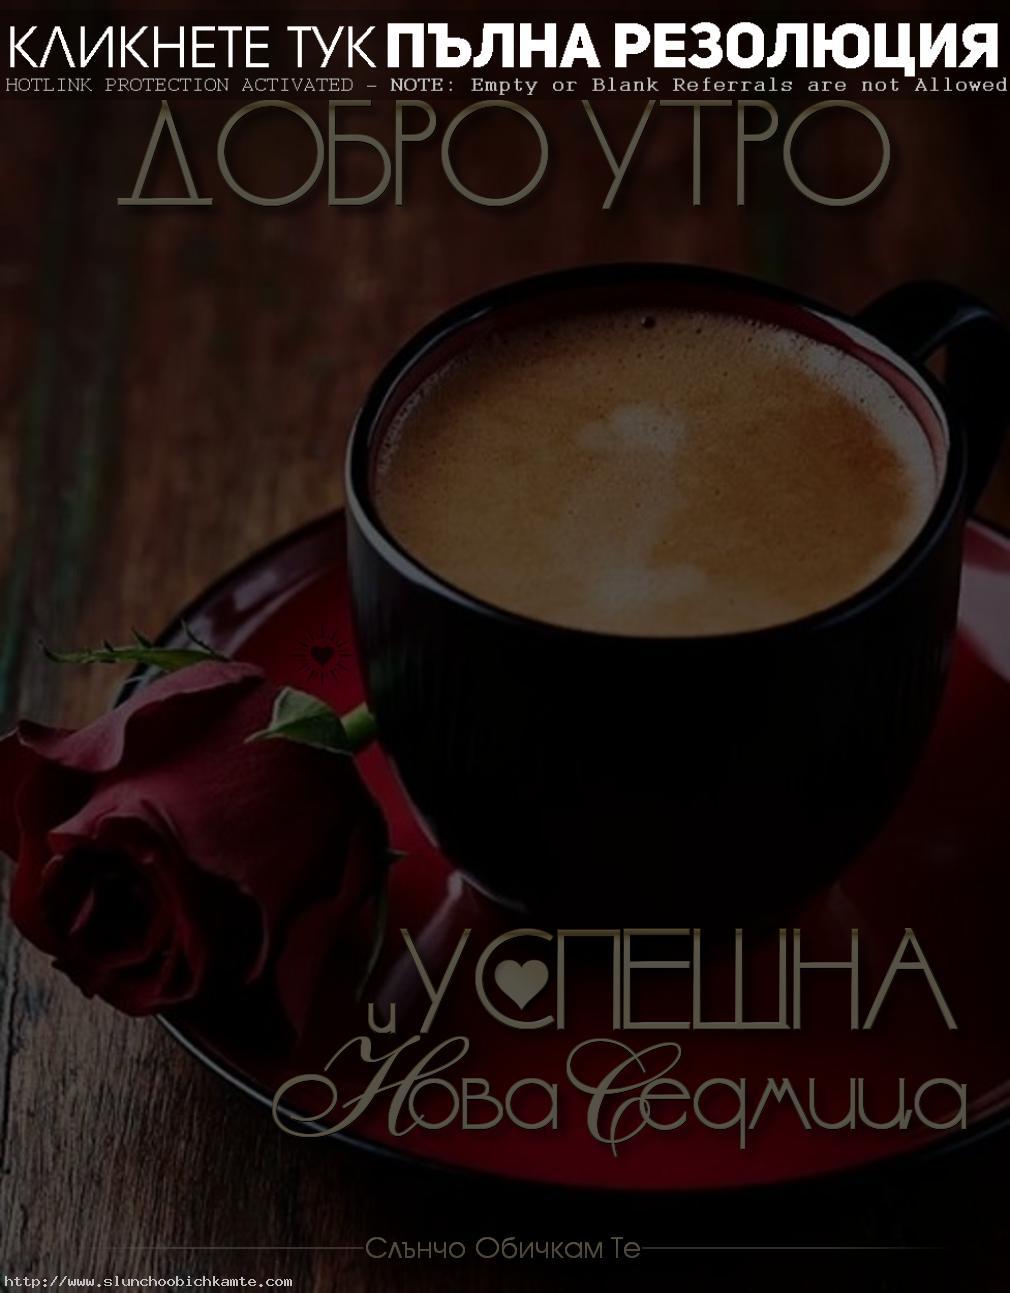 Добро утро Успешна нова седмица Добро Утро понеделник - пожелания за добро утро, добро утро и усмихнат ден, добро утро и слънчев ден, добро утро с роза и кафе, успешна нова седмица, добро утро понеделник, картинки за добро утро, добро утро на теб, добро утро роза кафе